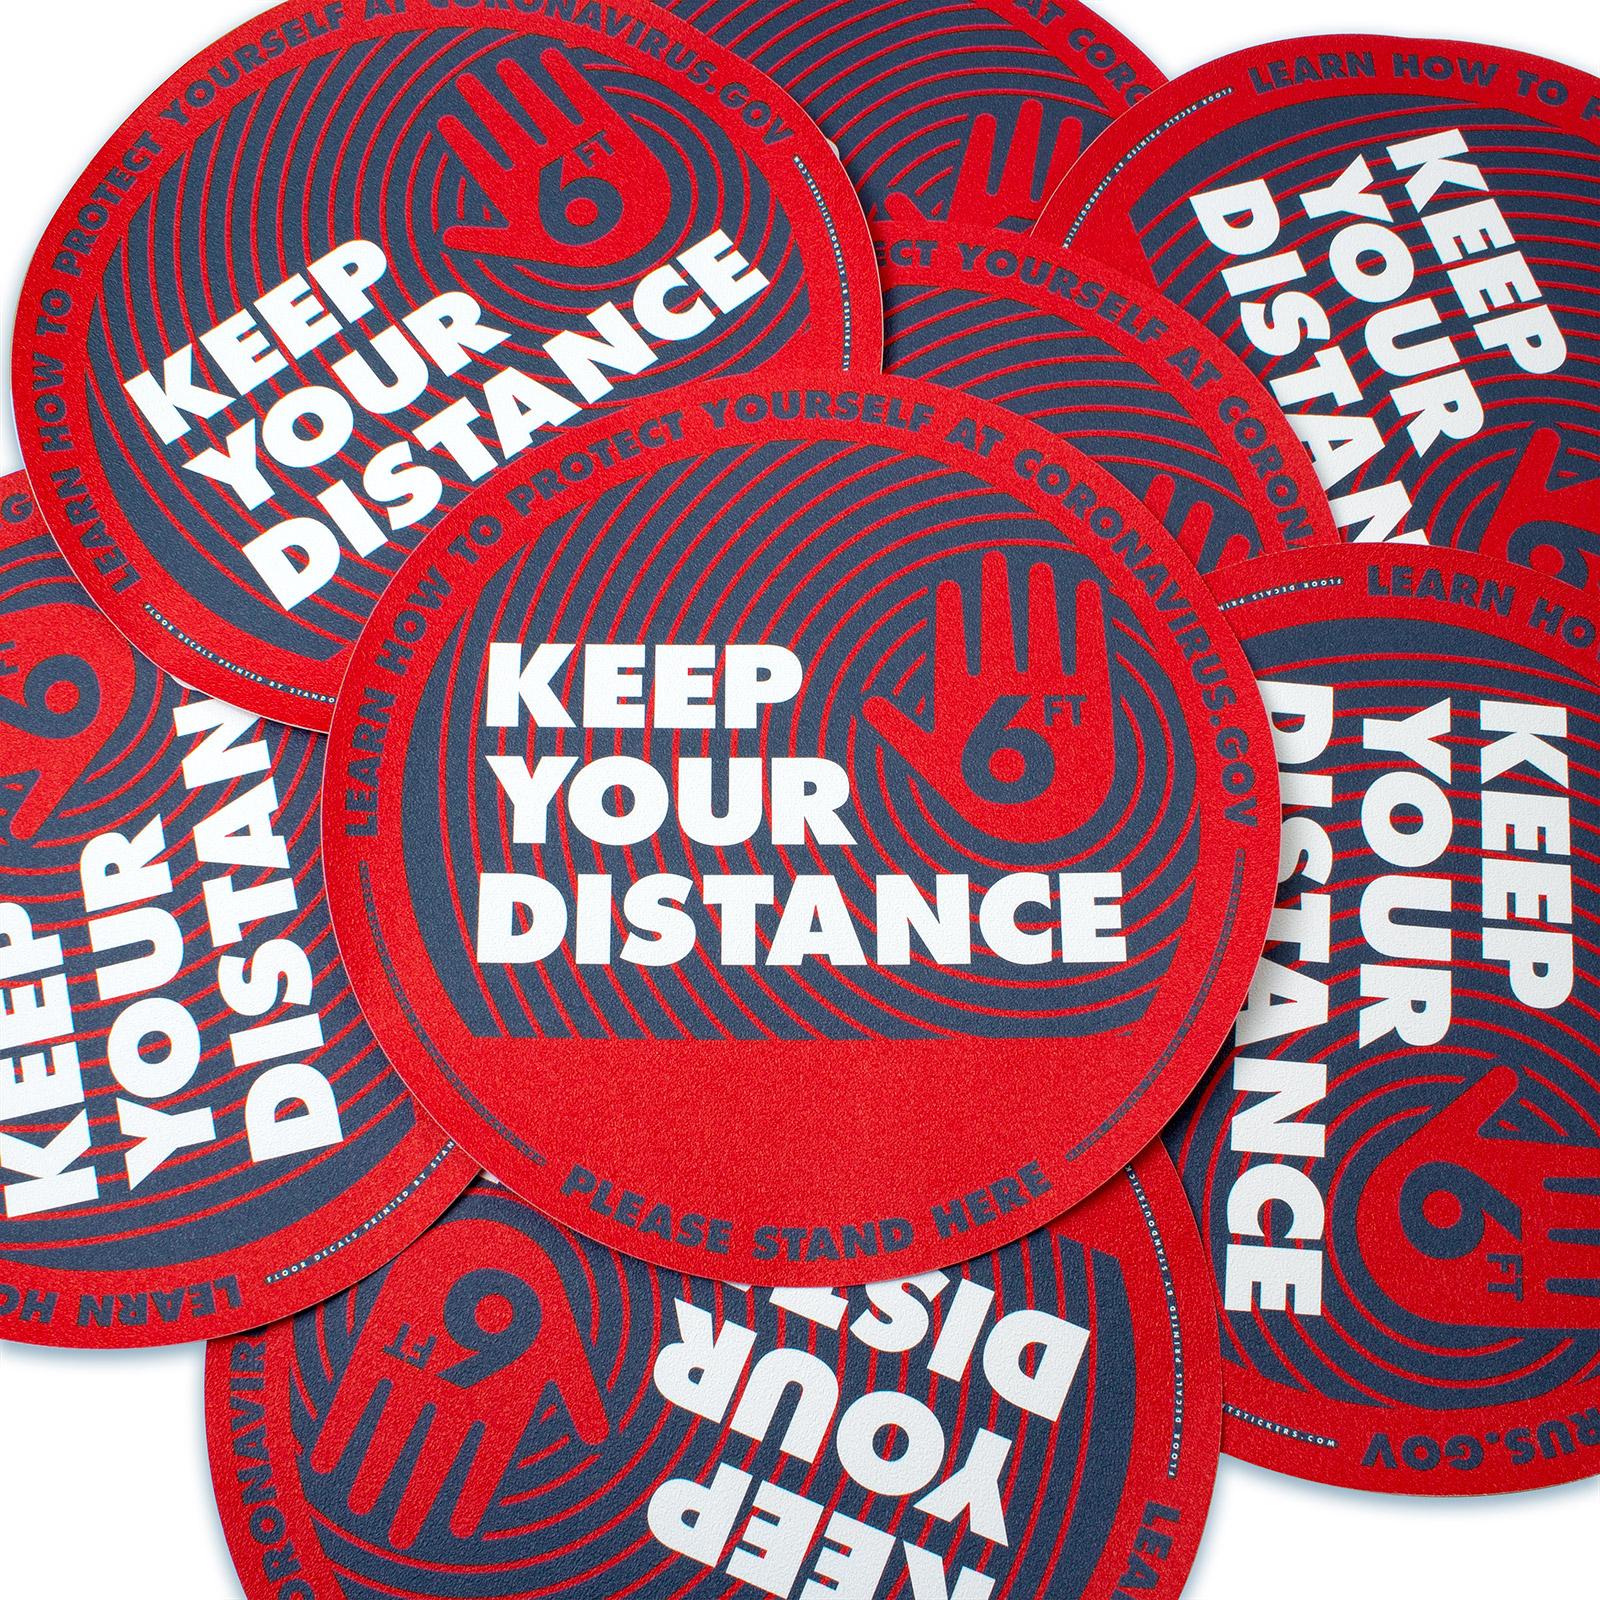 Keep Your Distance Floor Decals